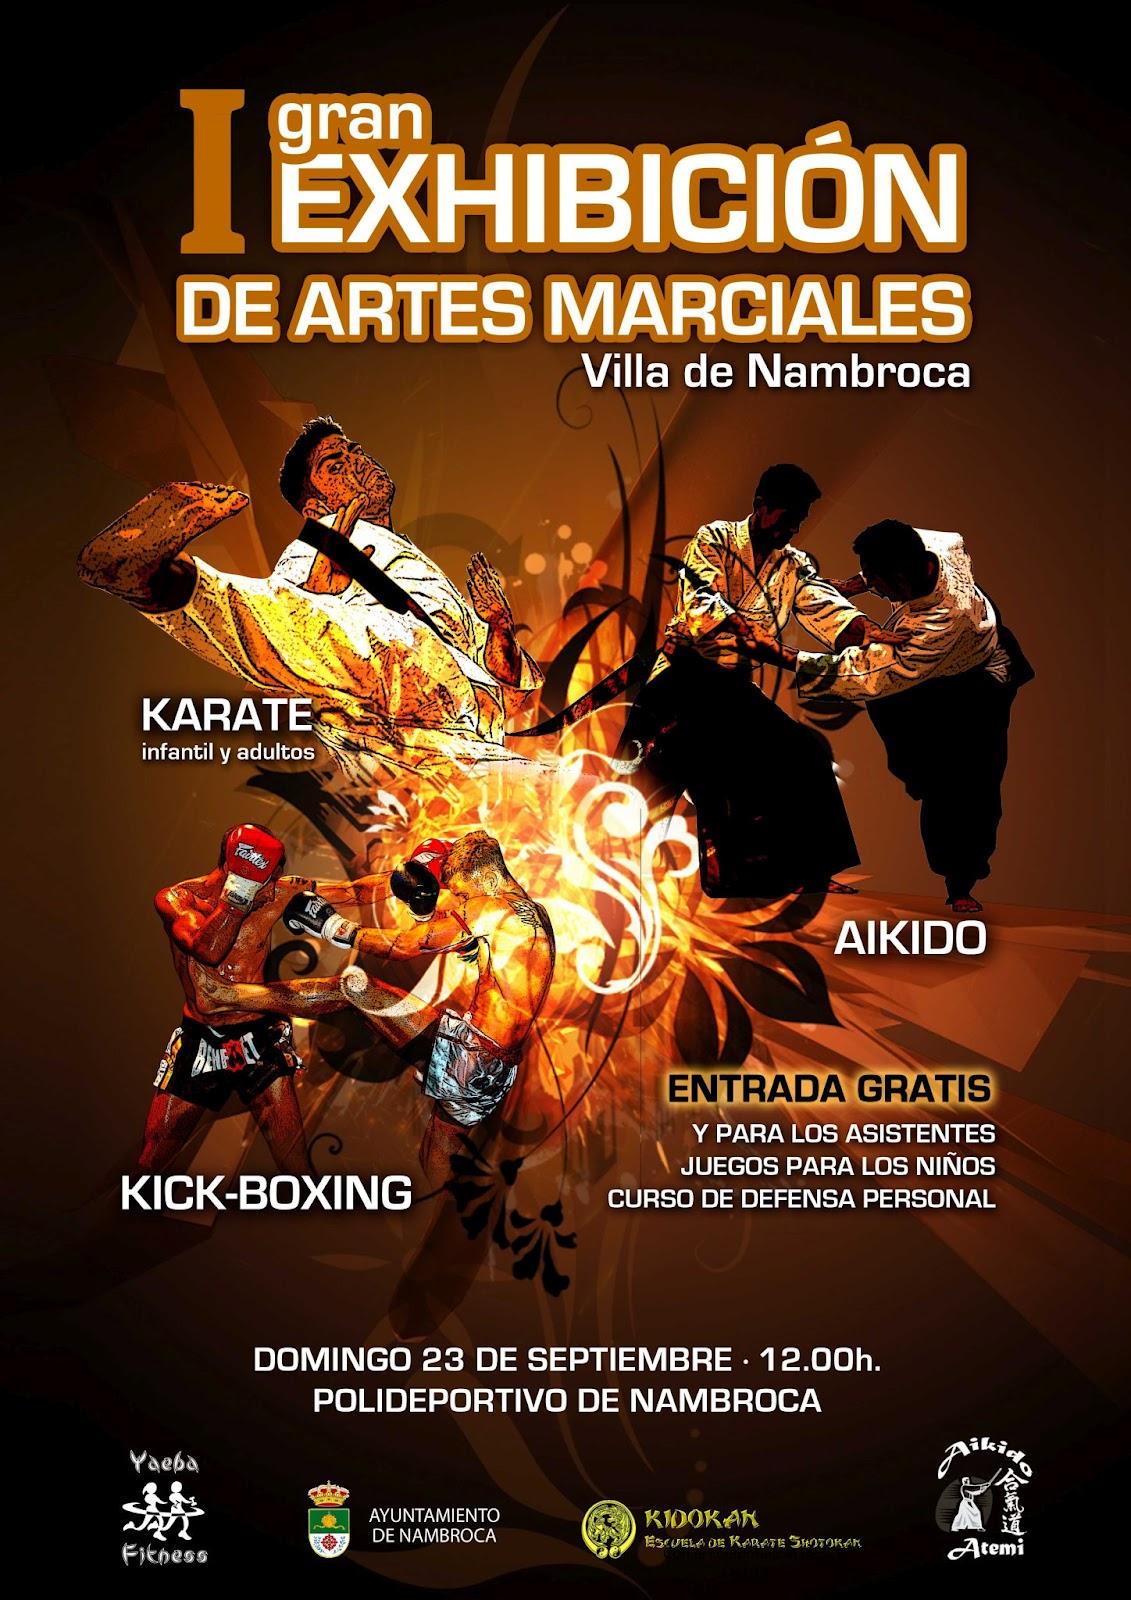 AIKIDO: Exhibición de Artes Marciales en Nambroca-Toledo